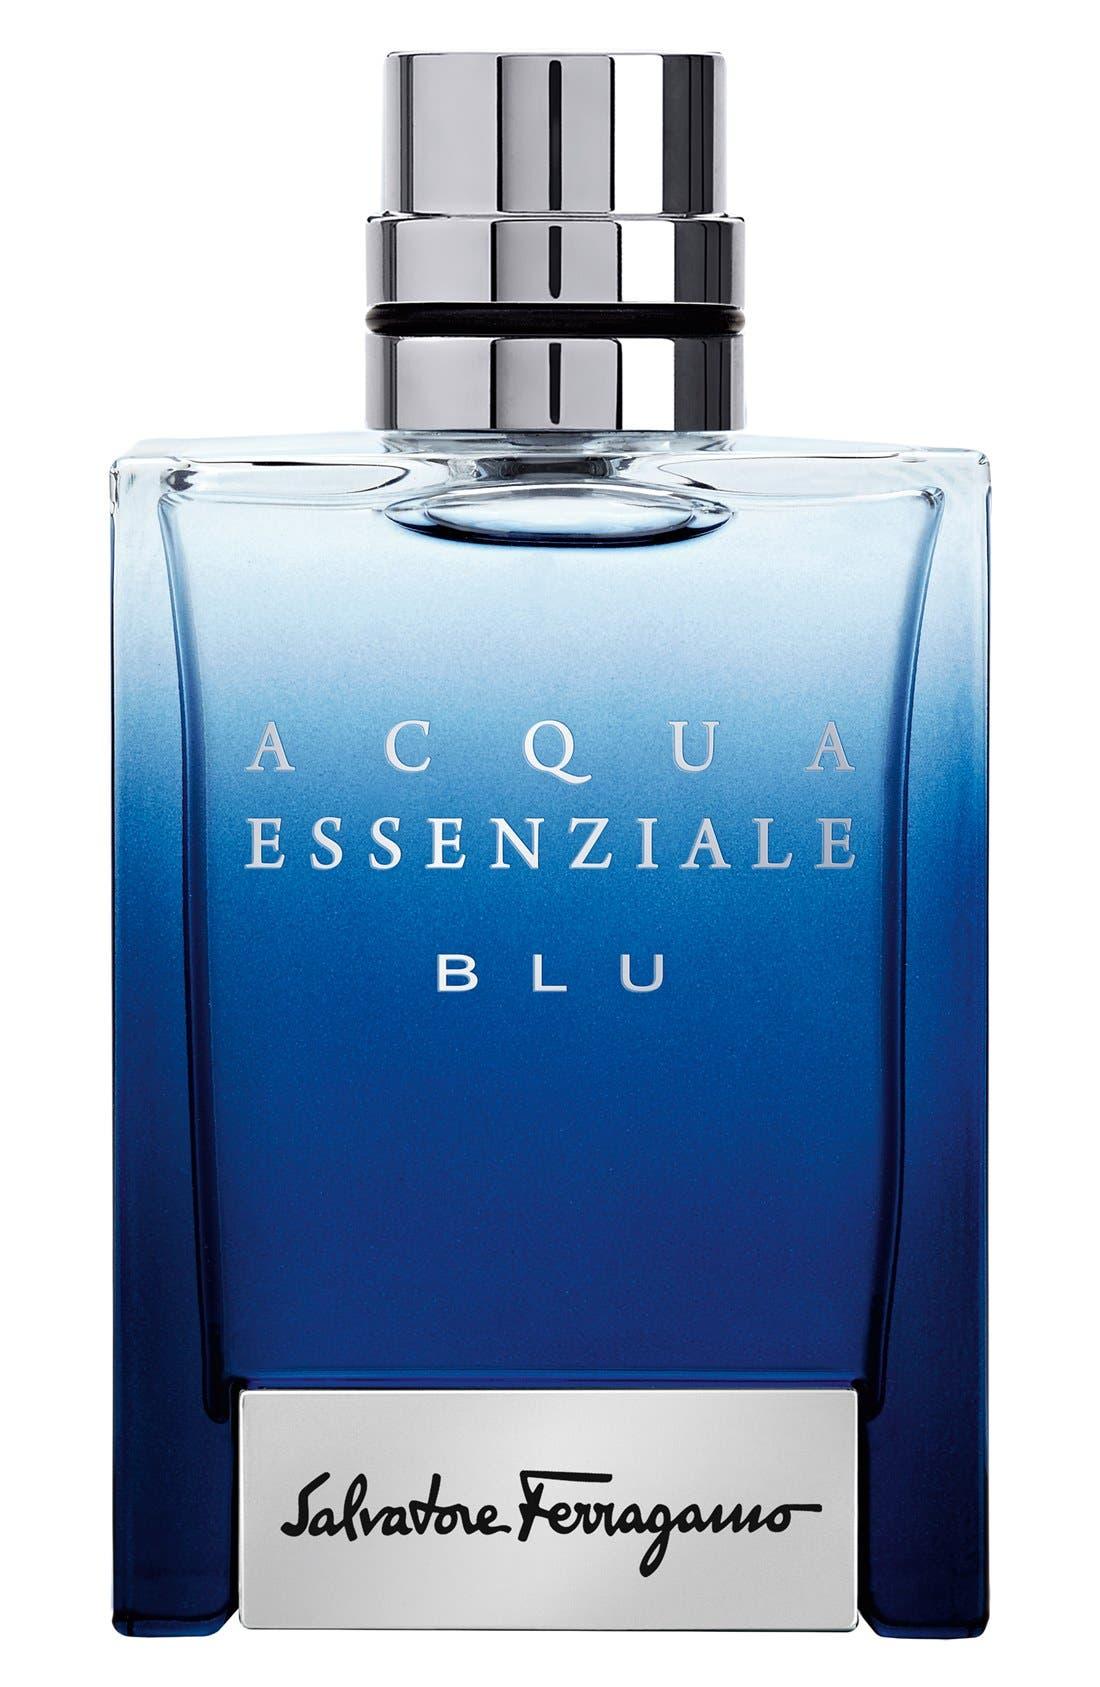 Salvatore Ferragamo 'Acqua Essenziale Blu' Eau de Toilette